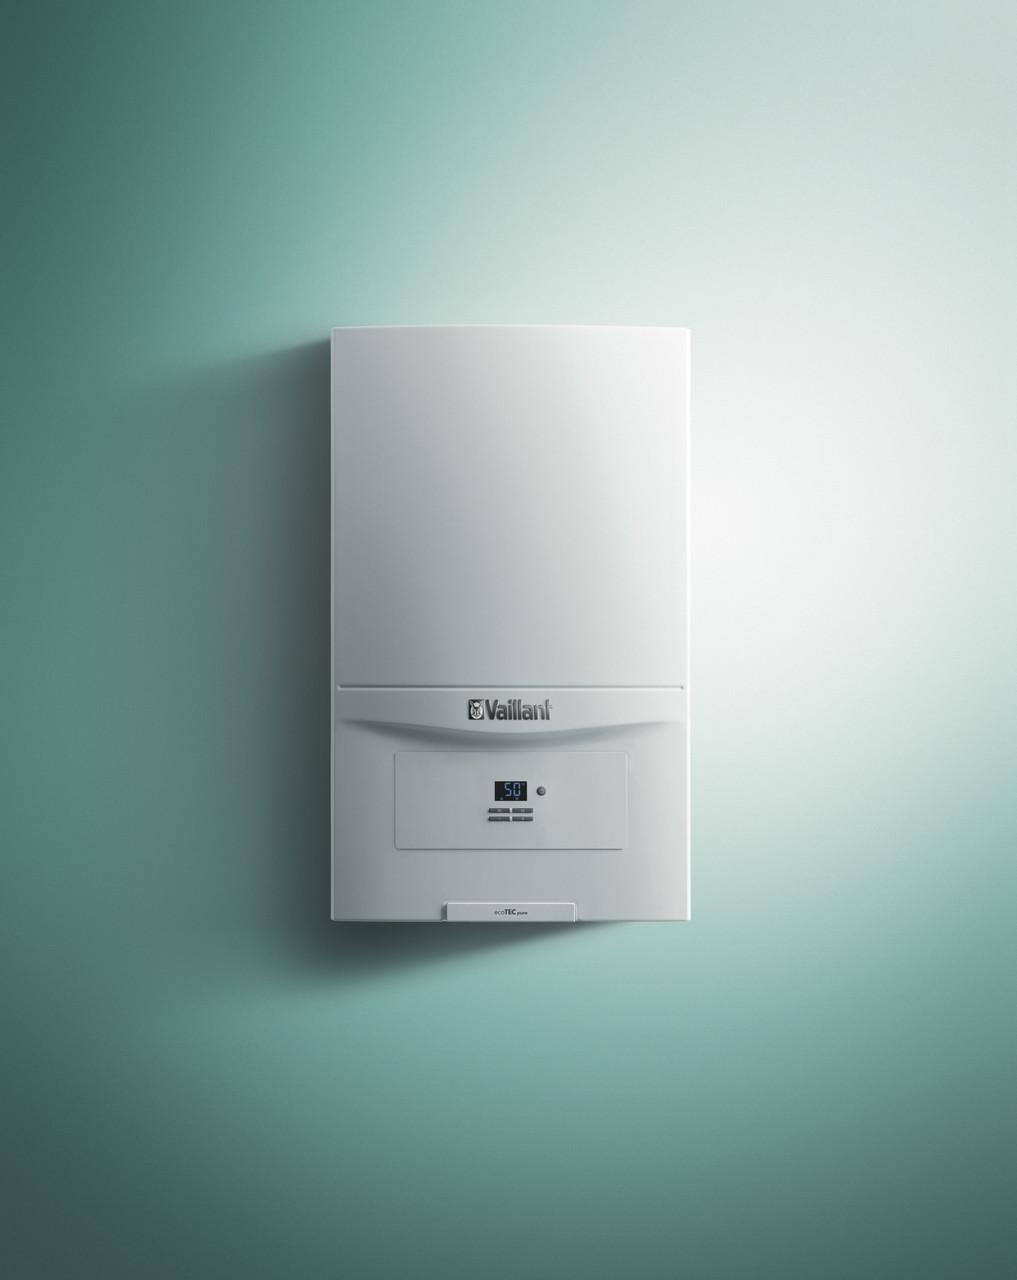 Отопительный конденсационный котел с приготовлением горячей воды Vaillant ecoTEC pure 18,5 кВт, ГВП 24,5 кВт